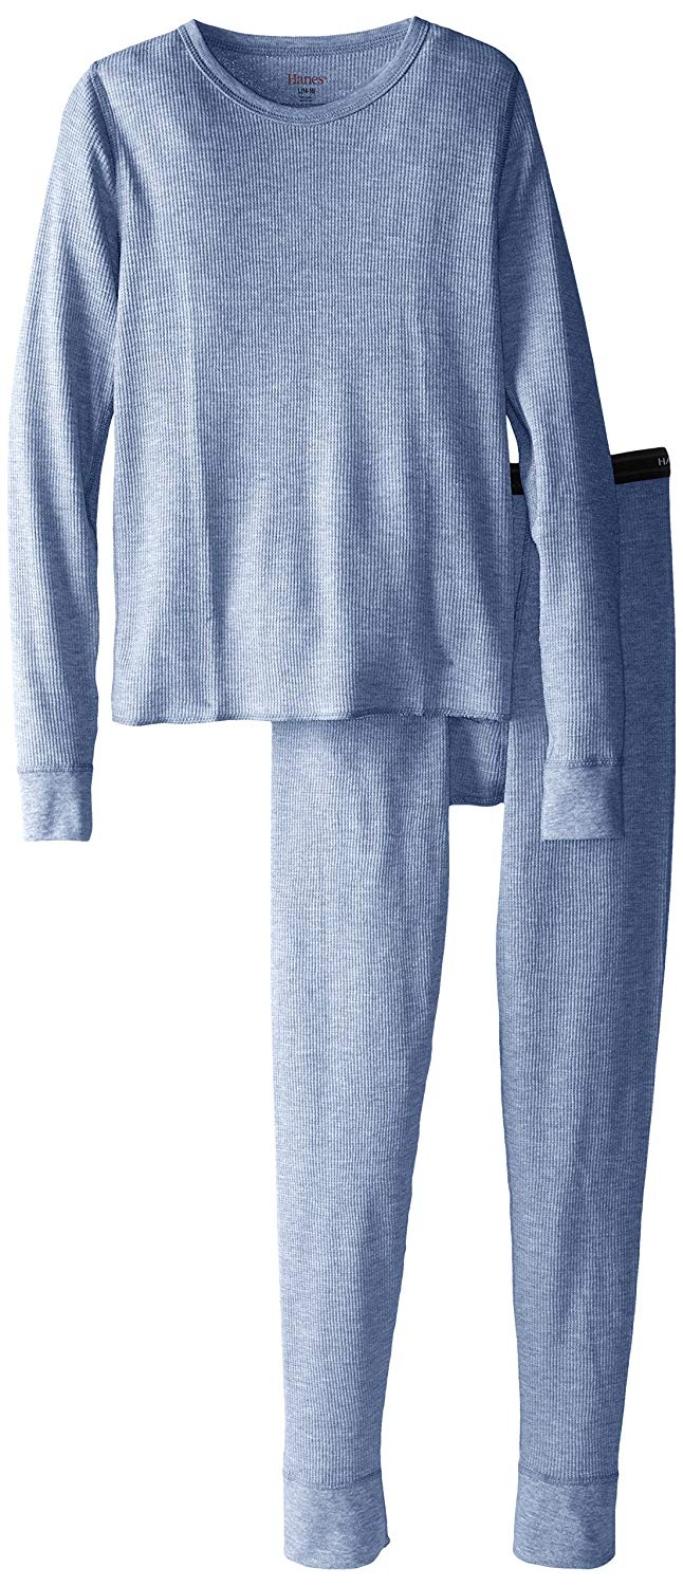 hanes big boys thermal underwear pajama set